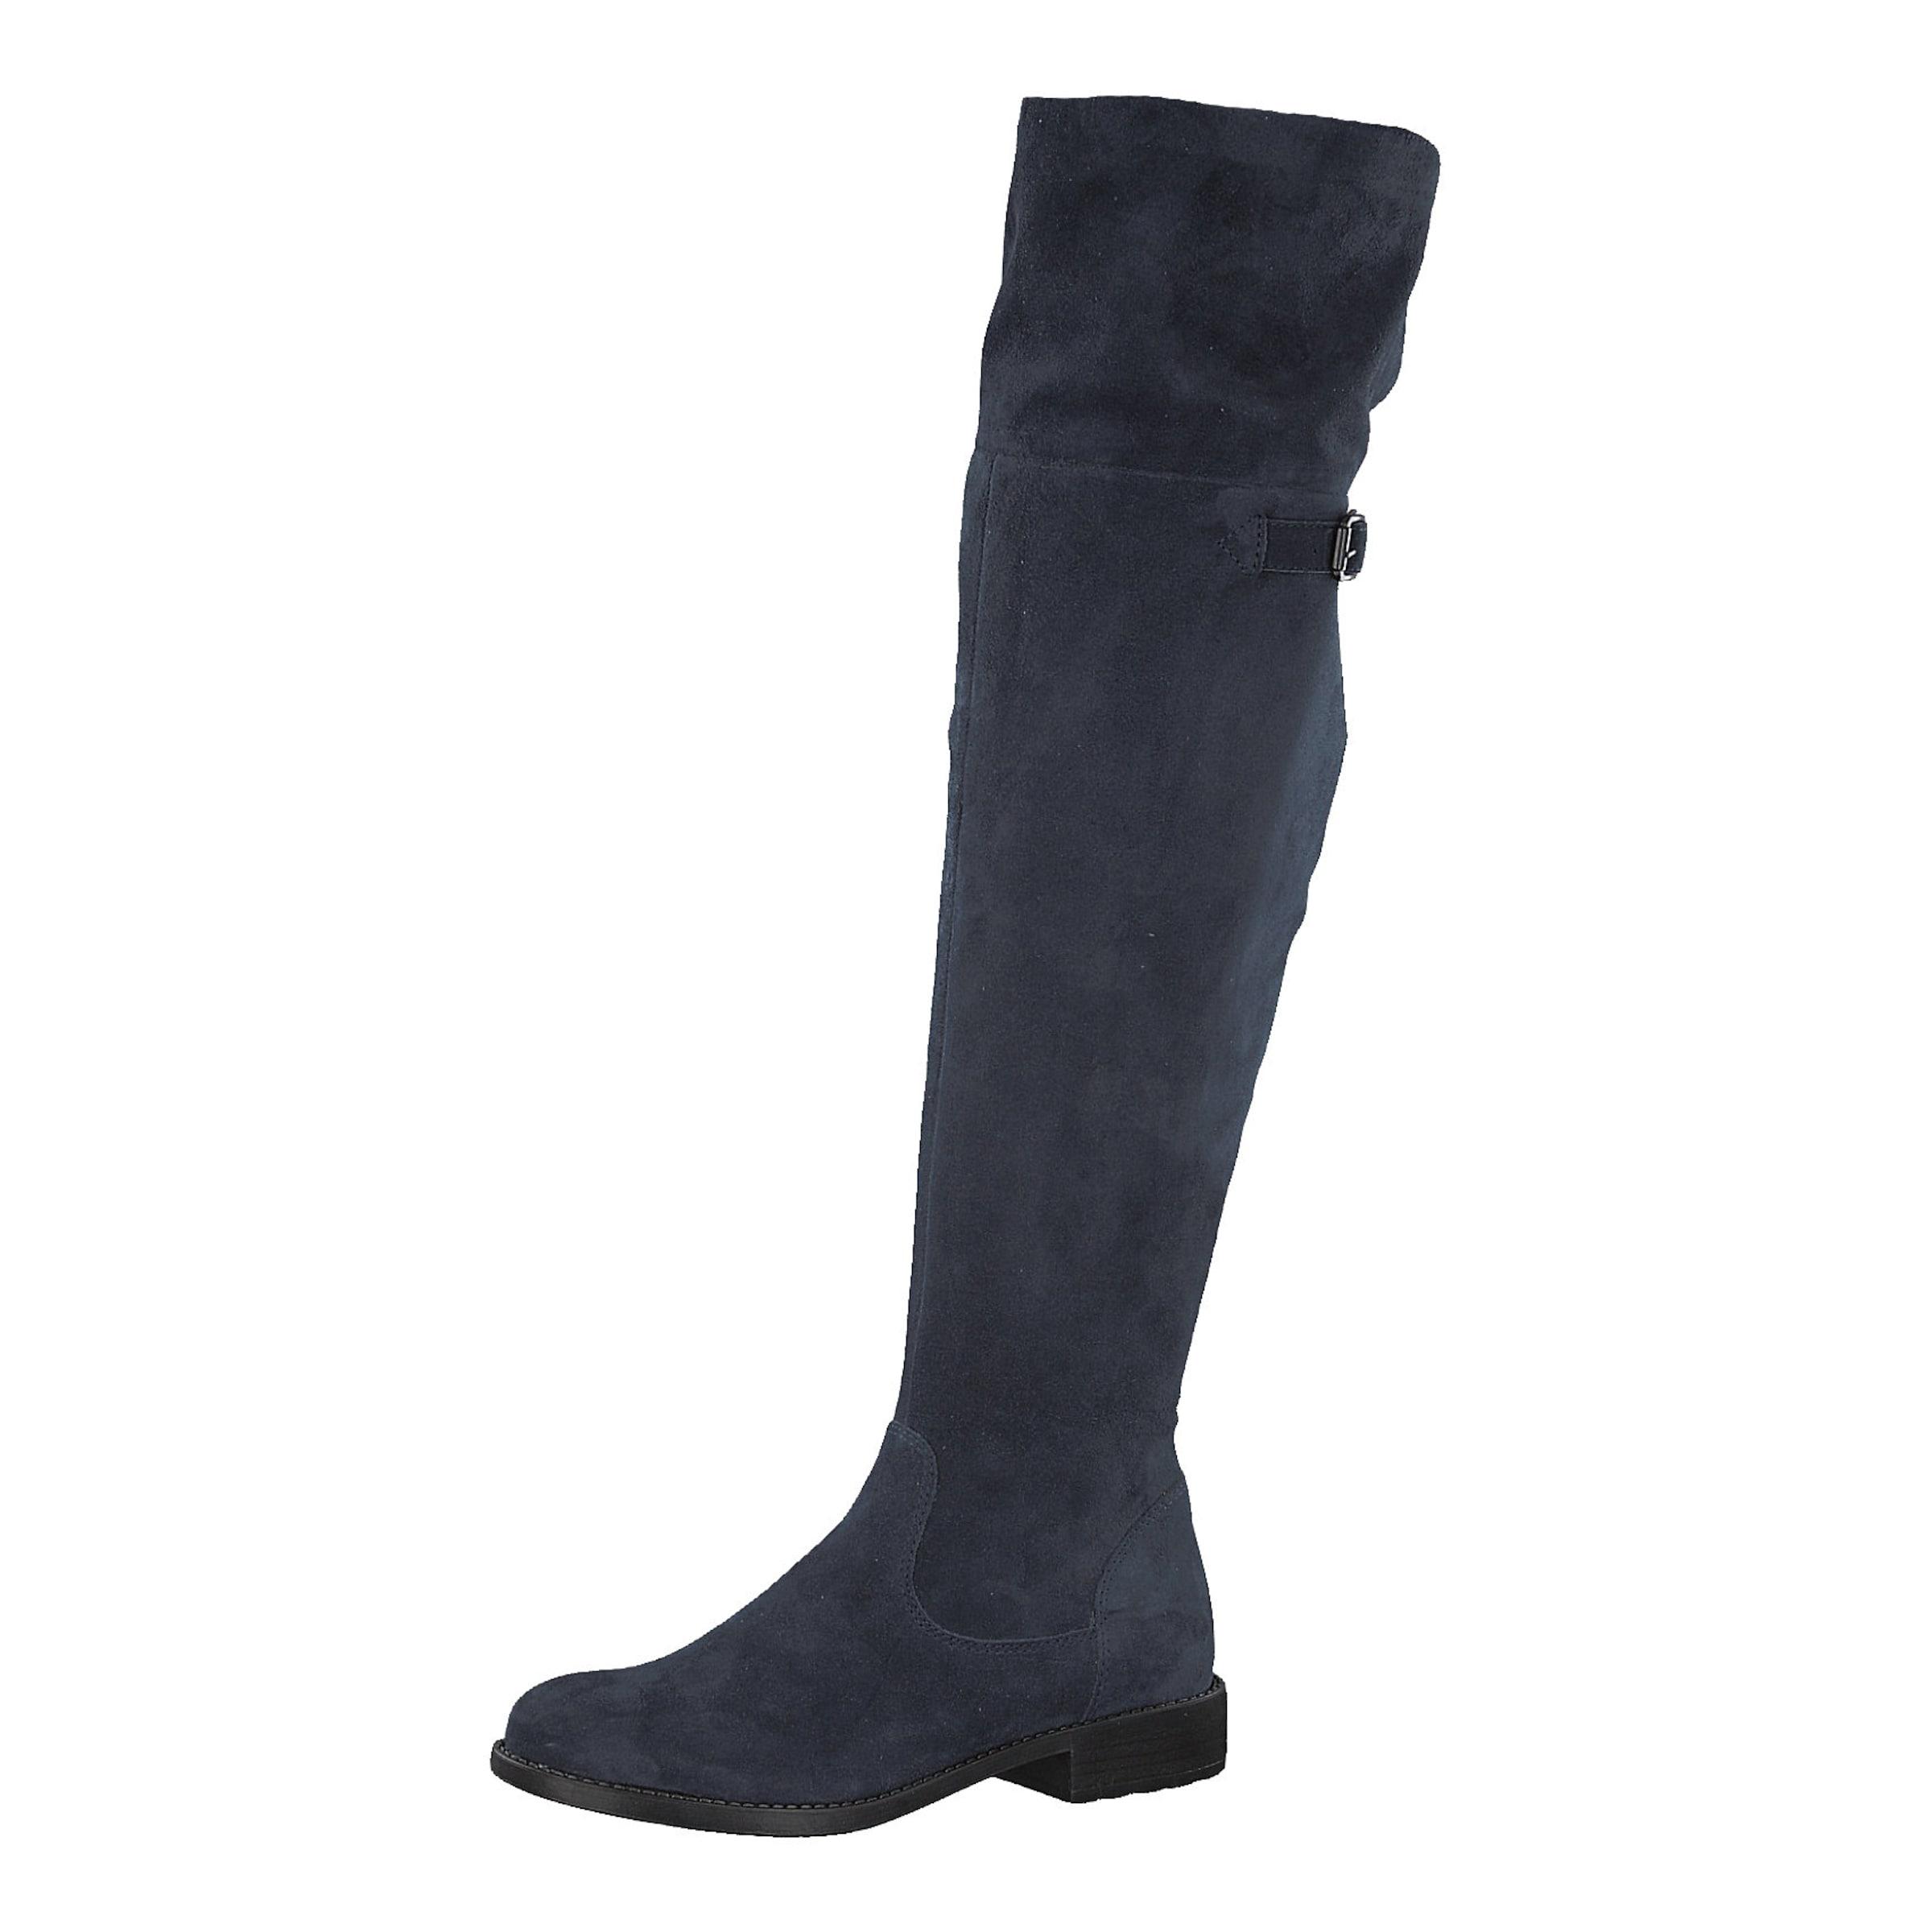 TAMARIS Stiefel Niki Verschleißfeste billige Schuhe